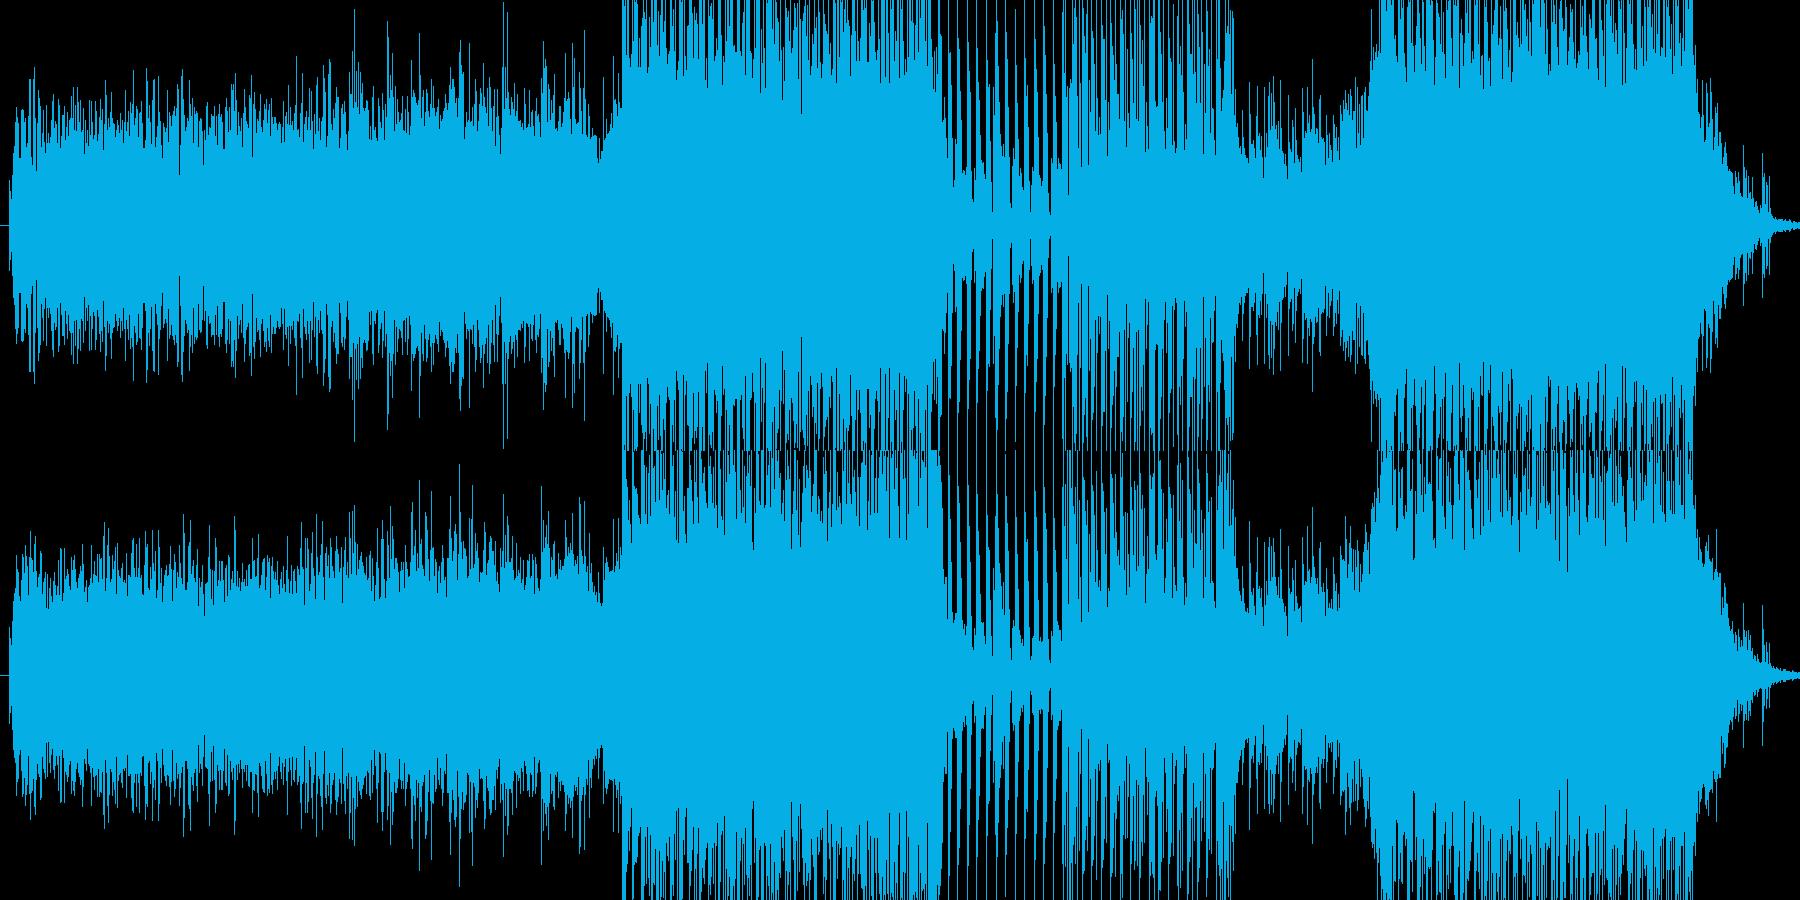 ピアノをフィーチャーした哀愁感あるEDMの再生済みの波形